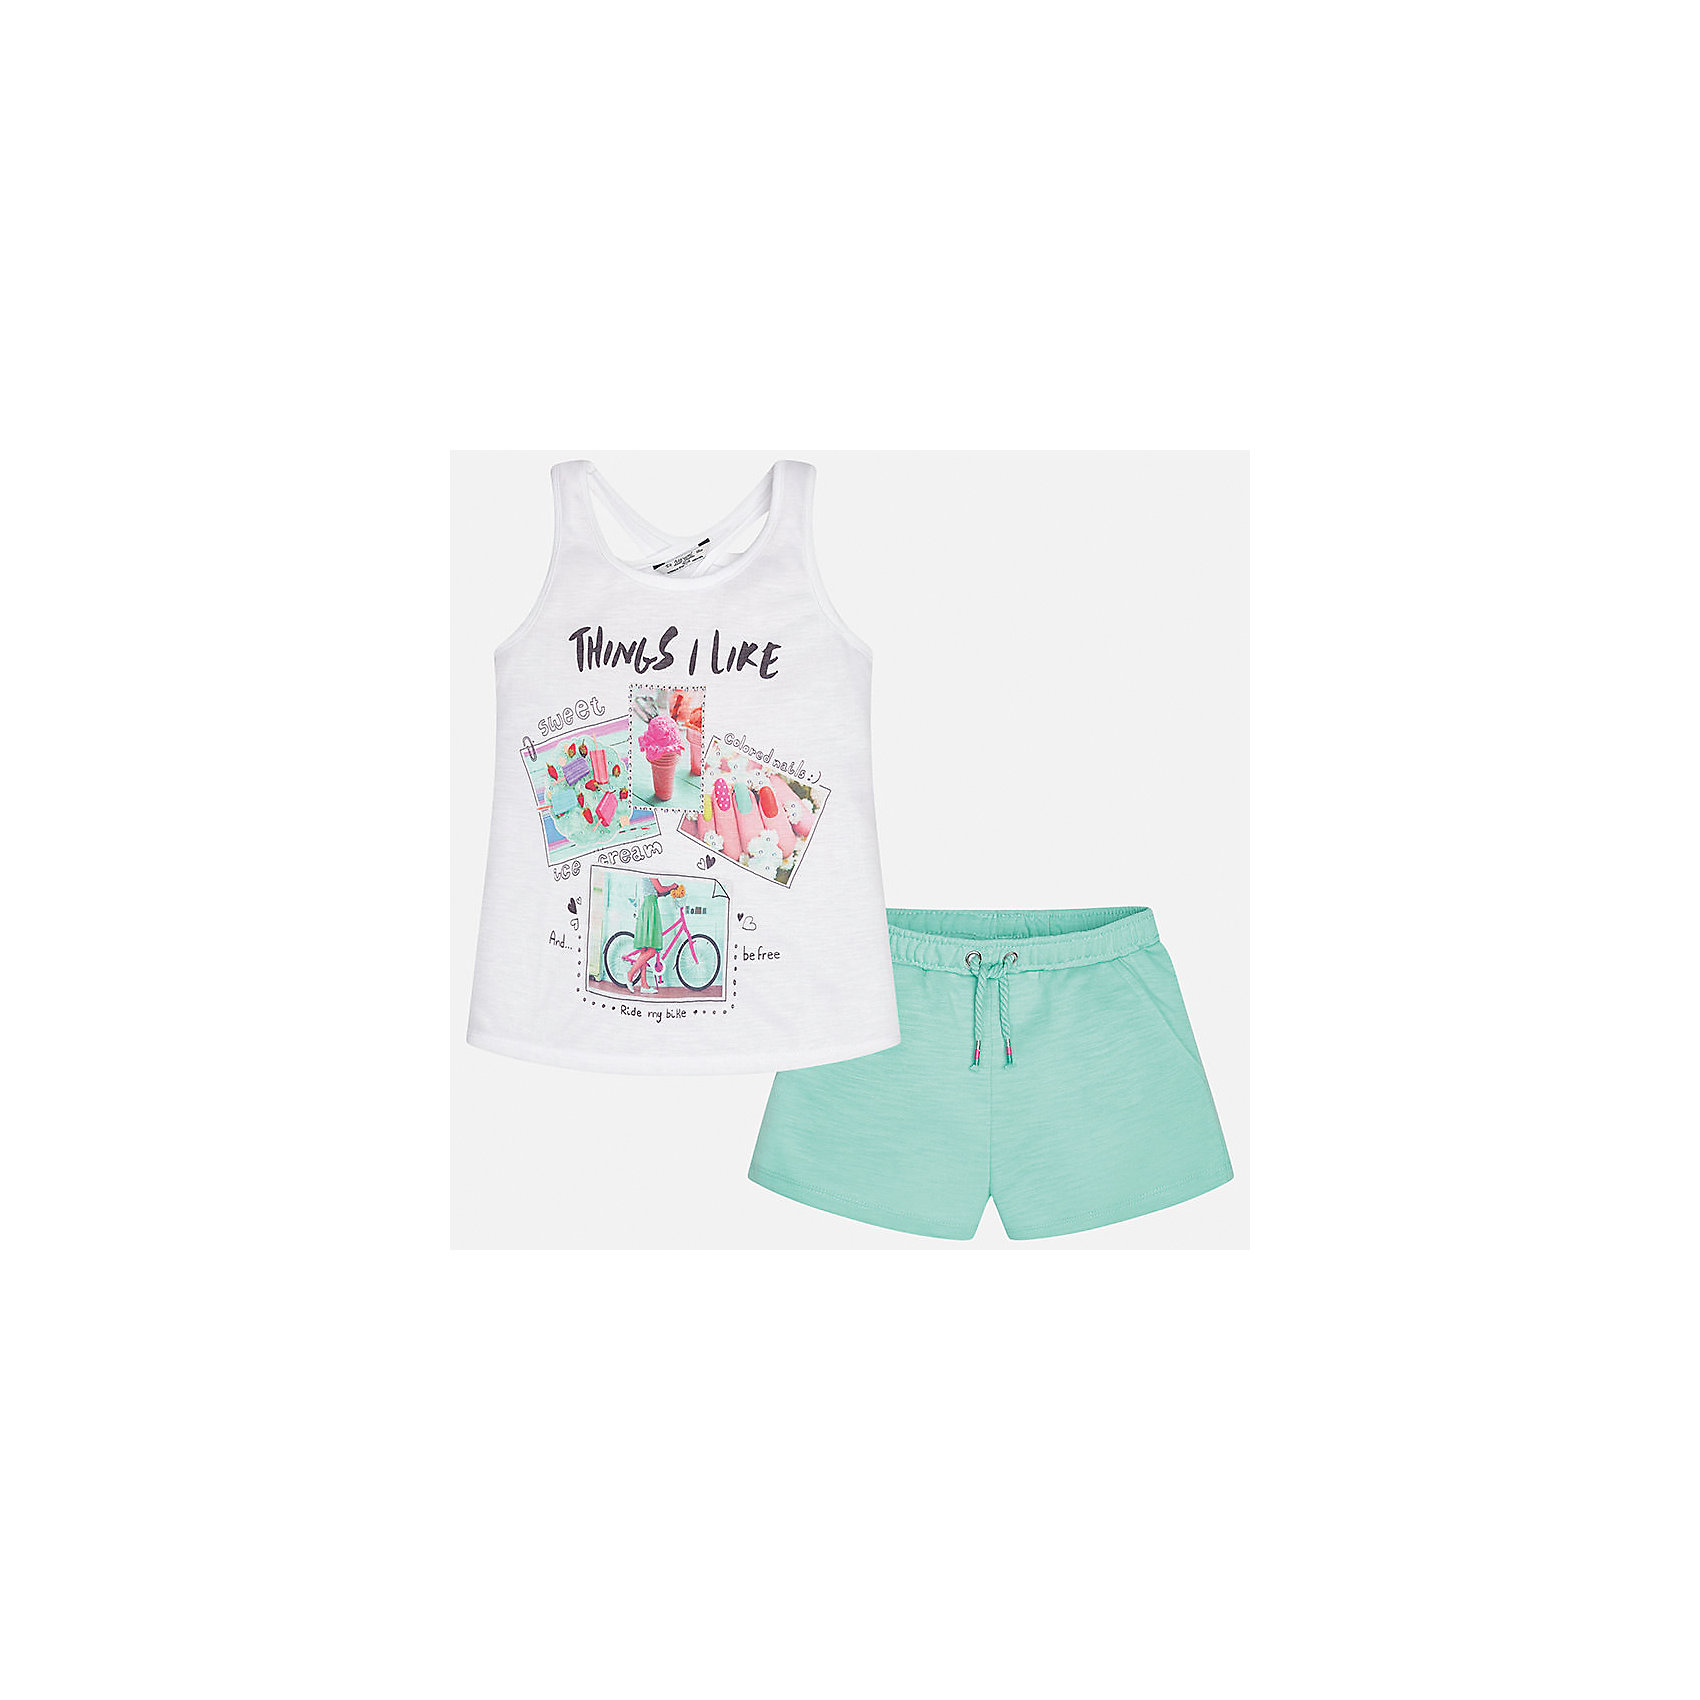 Комплект: футболка с длинным рукавом и шорты для девочки MayoralХарактеристики товара:<br><br>• цвет: белый/зеленый<br>• состав: 100% полиэстер<br>• комплектация: майка, шорты<br>• майка декорирована принтом<br>• шорты с карманами<br>• пояс на резинке<br>• страна бренда: Испания<br><br>Стильный качественный комплект для девочки поможет разнообразить гардероб ребенка и красиво одеться в теплую погоду. Он отлично сочетается с другими предметами. Универсальный цвет позволяет подобрать к вещам обувь практически любой расцветки. Интересная отделка модели делает её нарядной и оригинальной. <br><br>Одежда, обувь и аксессуары от испанского бренда Mayoral полюбились детям и взрослым по всему миру. Модели этой марки - стильные и удобные. Для их производства используются только безопасные, качественные материалы и фурнитура. Порадуйте ребенка модными и красивыми вещами от Mayoral! <br><br>Комплект для девочки от испанского бренда Mayoral (Майорал) можно купить в нашем интернет-магазине.<br><br>Ширина мм: 191<br>Глубина мм: 10<br>Высота мм: 175<br>Вес г: 273<br>Цвет: зеленый<br>Возраст от месяцев: 156<br>Возраст до месяцев: 168<br>Пол: Женский<br>Возраст: Детский<br>Размер: 164,128/134,140,152,158<br>SKU: 5292737